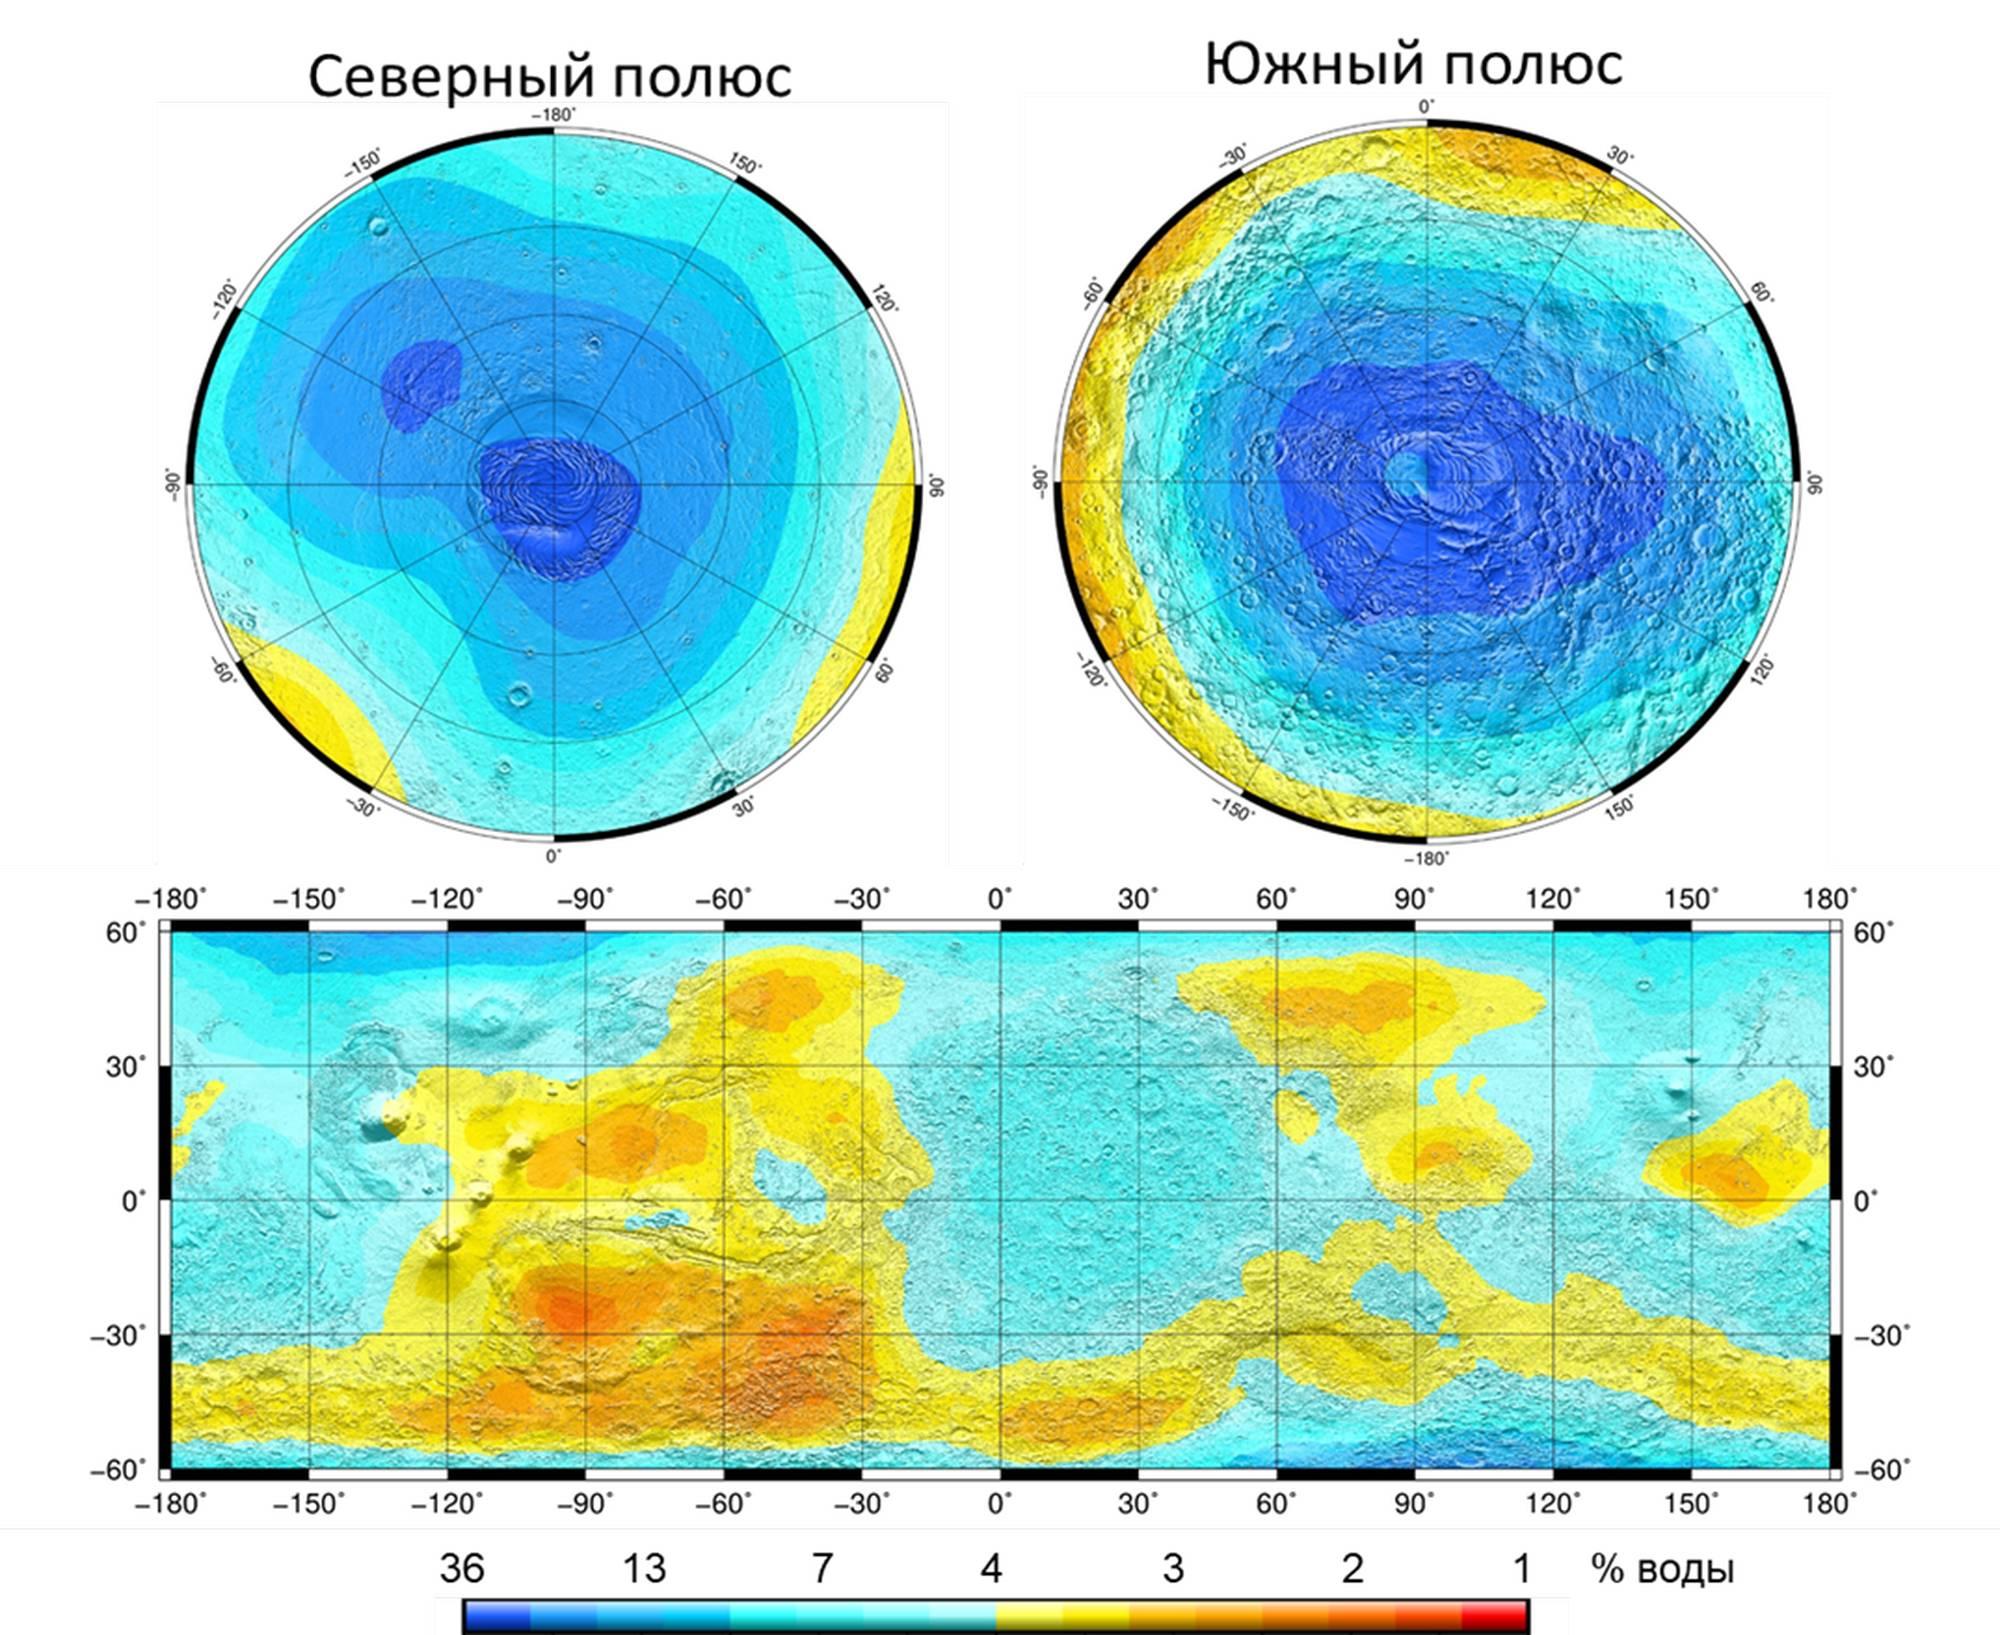 Cartes de rayonnement neutronique de Mars selon l'instrument HEND. En bas: carte allant de 60 ° de latitude nord à 60 ° de latitude sud; en haut: cartes des régions polaires de pergélisol glacé. L'échelle de couleur correspond aux estimations de la fraction massique d'eau dans le sol de Mars.